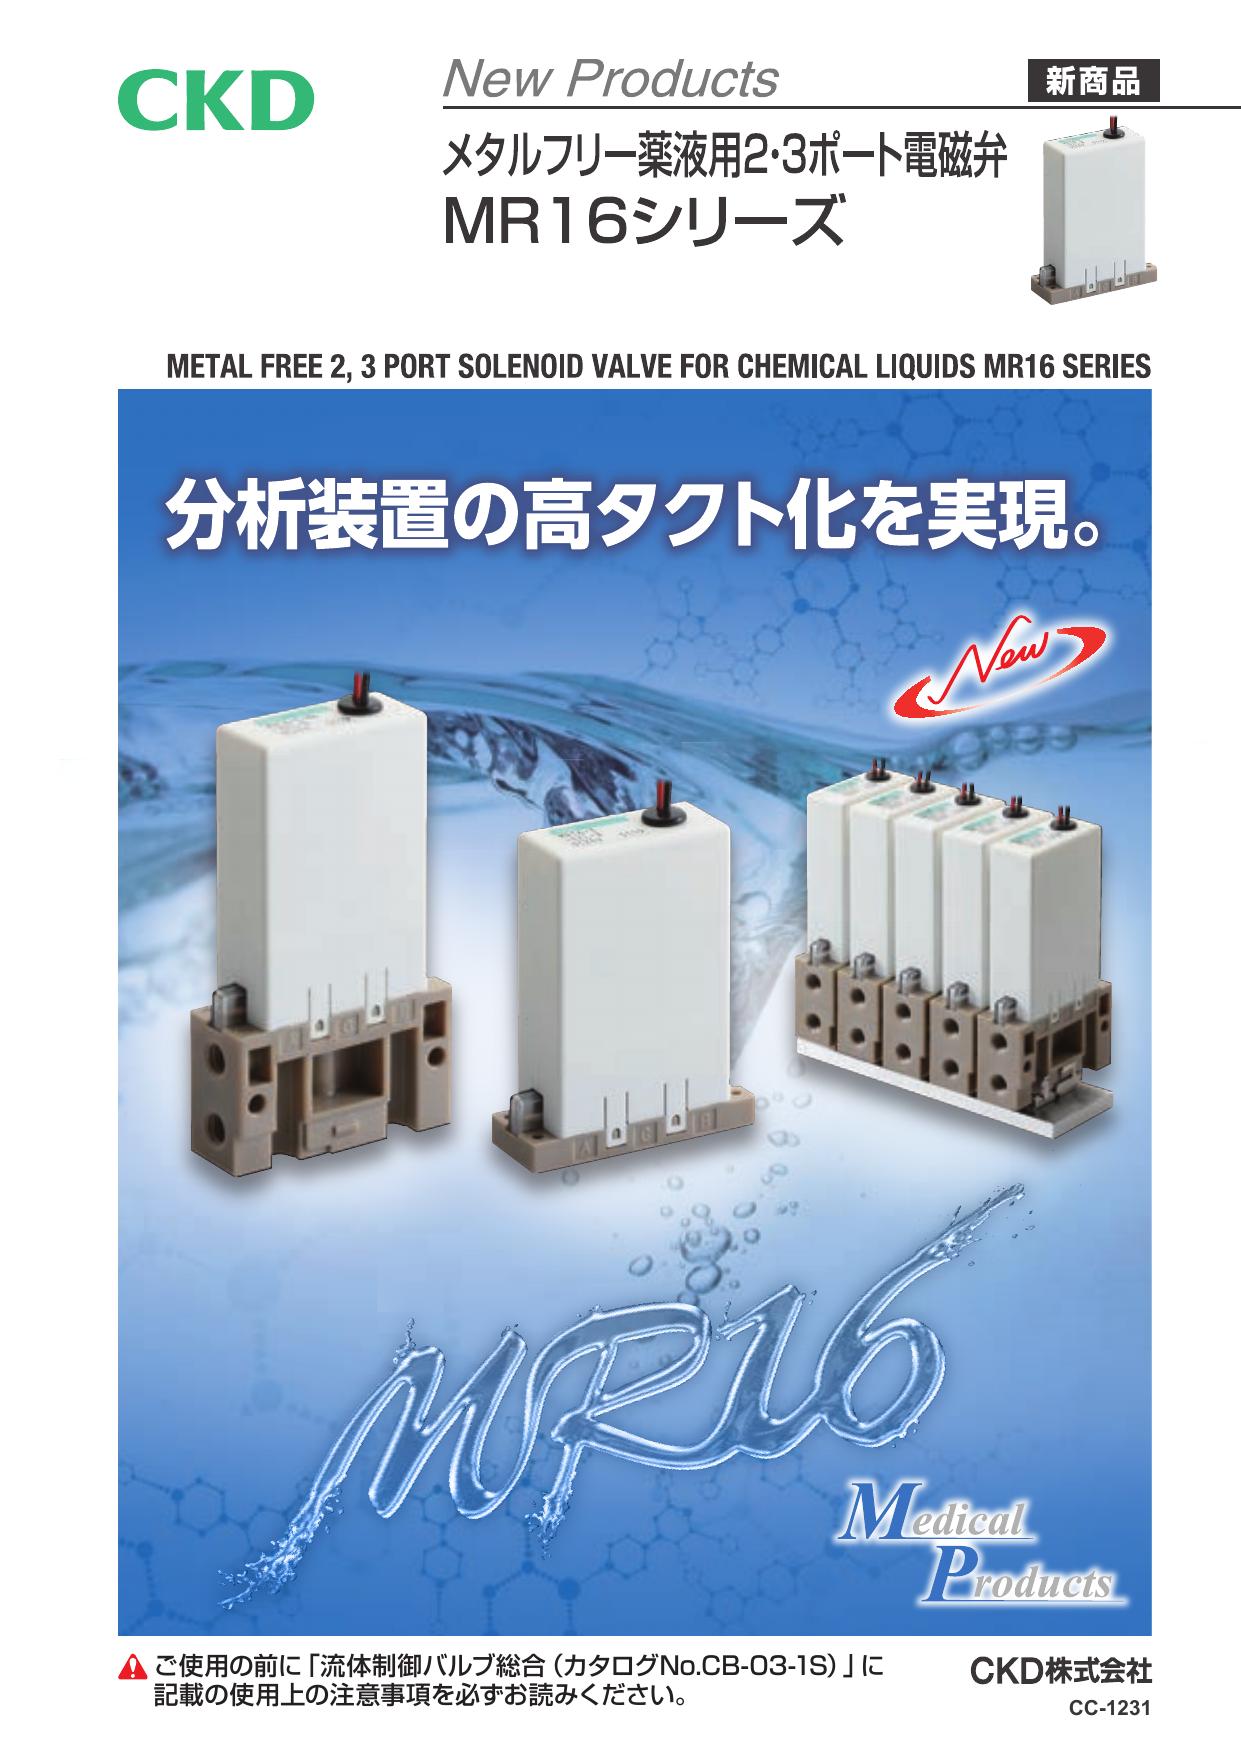 メタルフリー薬液用2・3ポート電磁弁MR16シリーズ